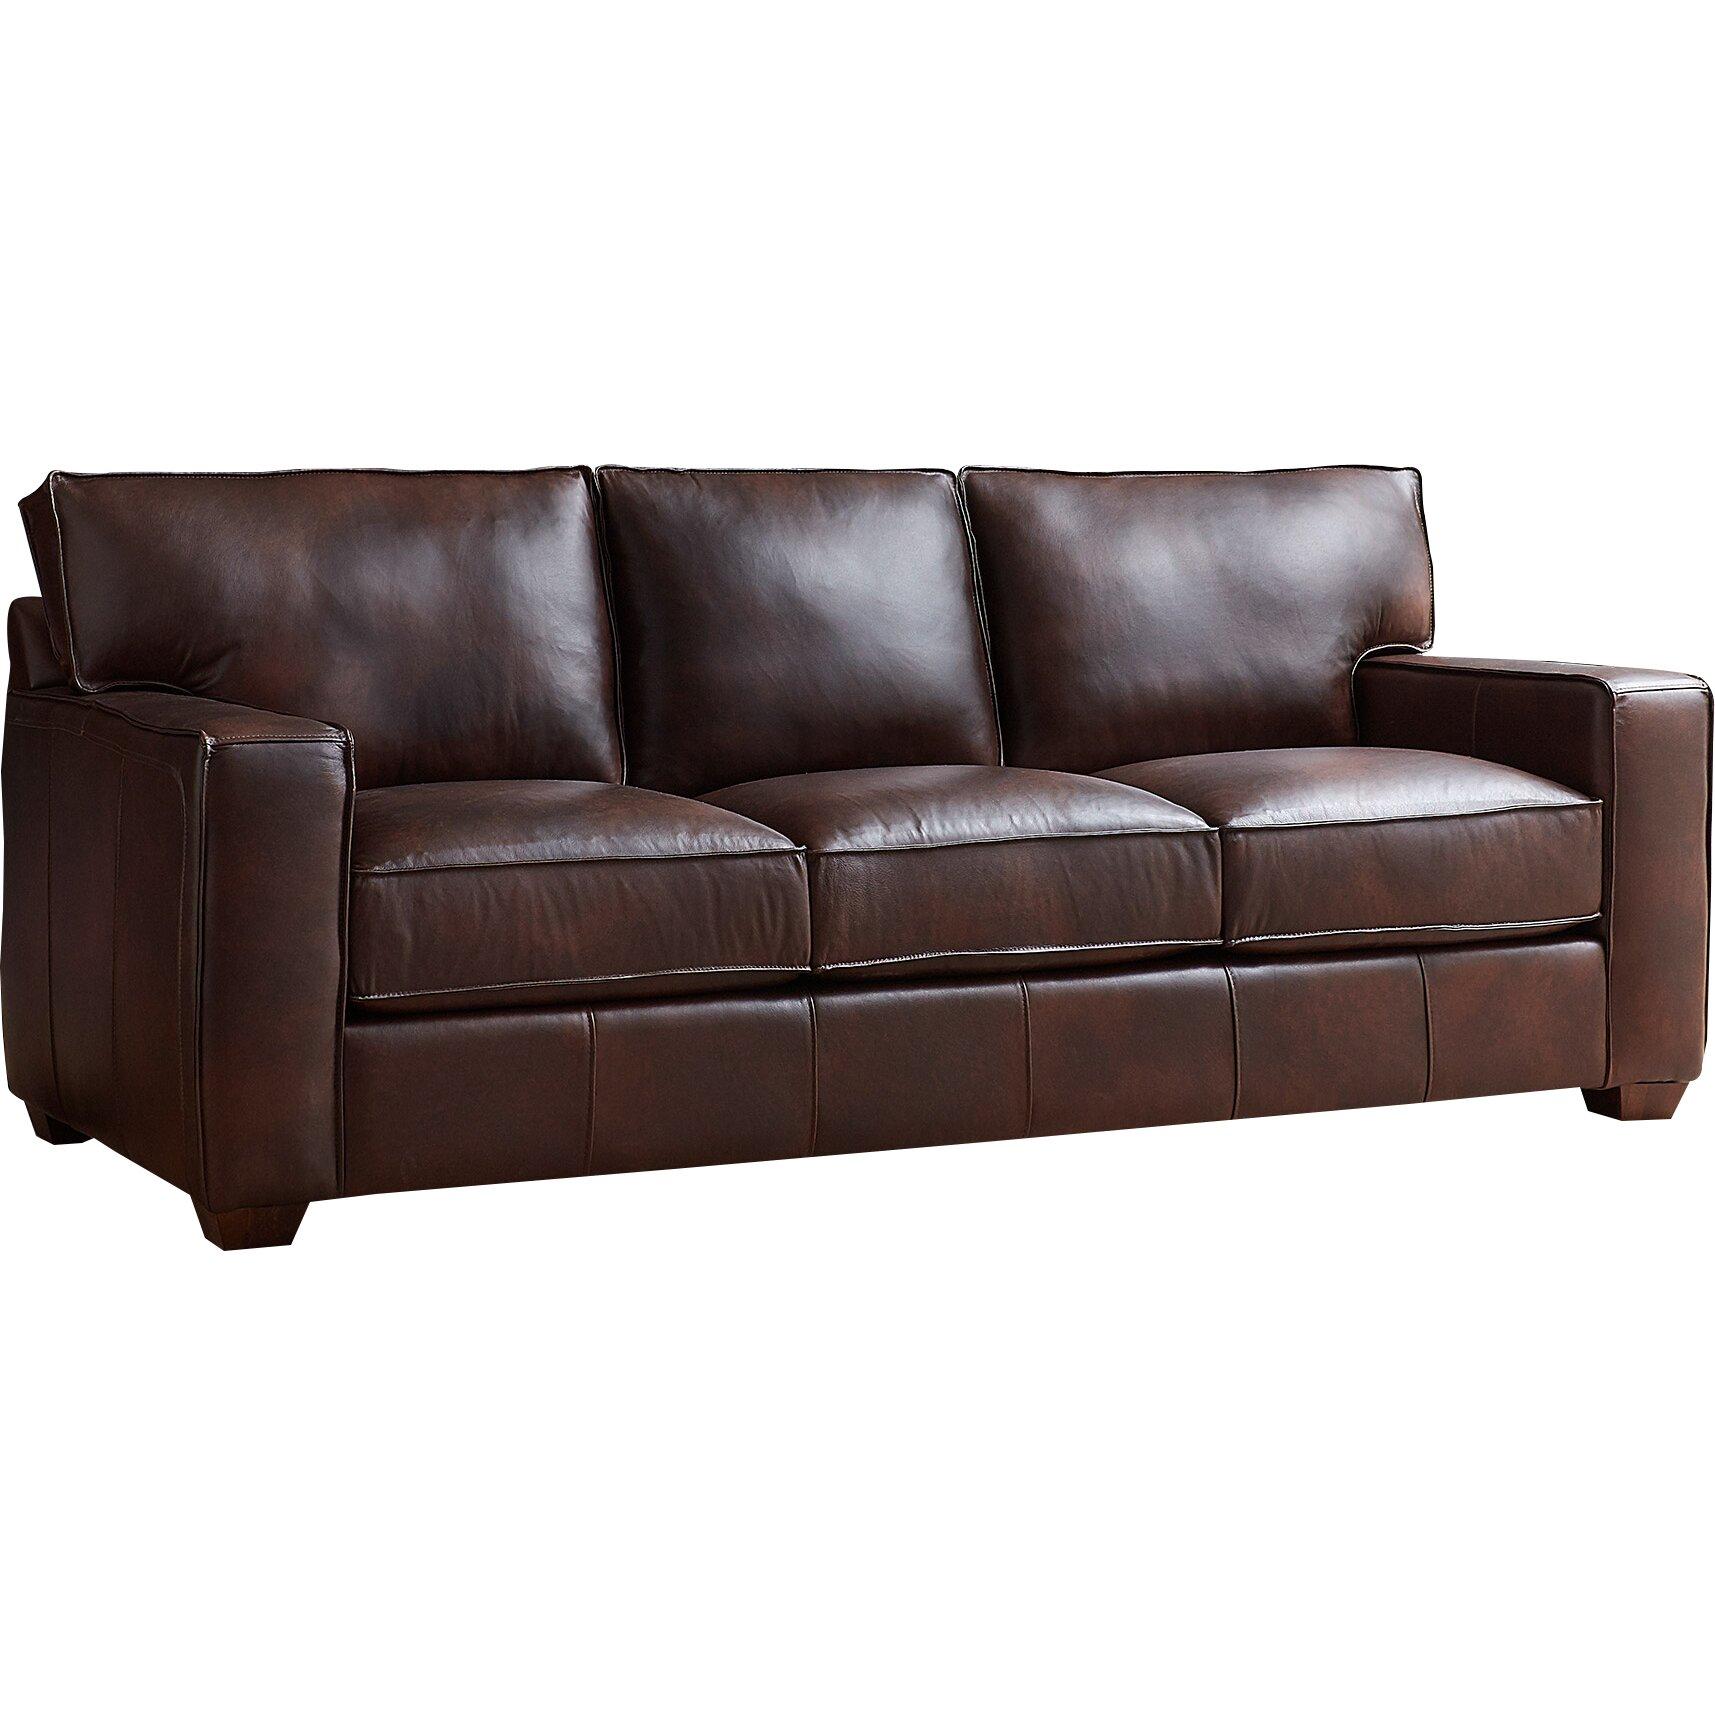 Leather Sofas Columbus Ohio Refil Sofa